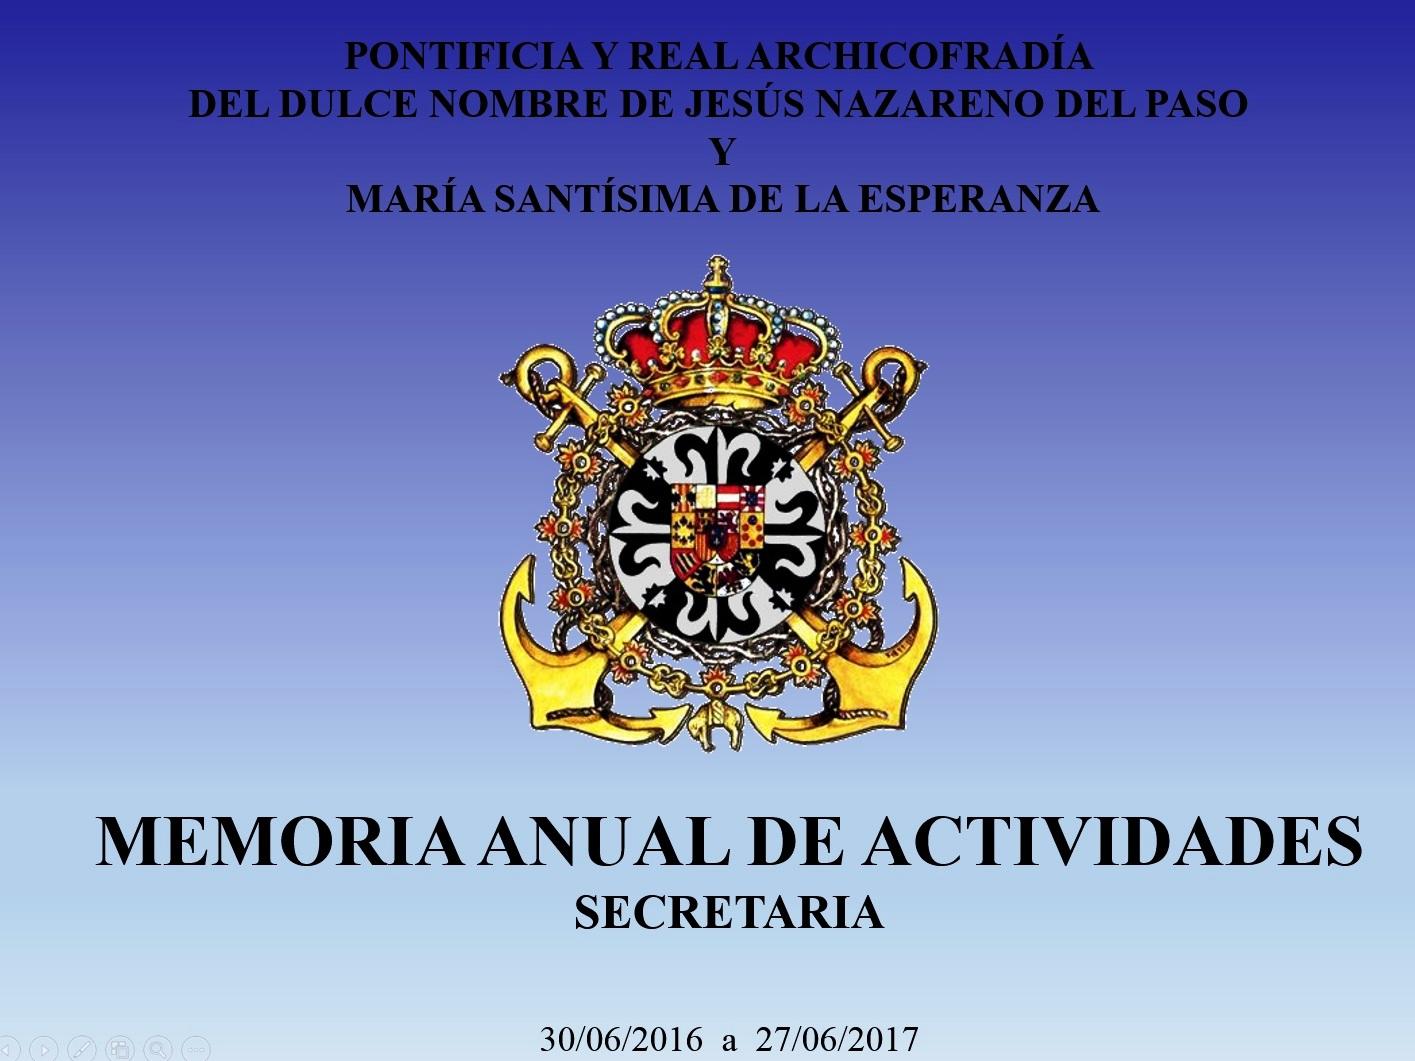 MEMORIA ANUAL DE ACTIVIDADES